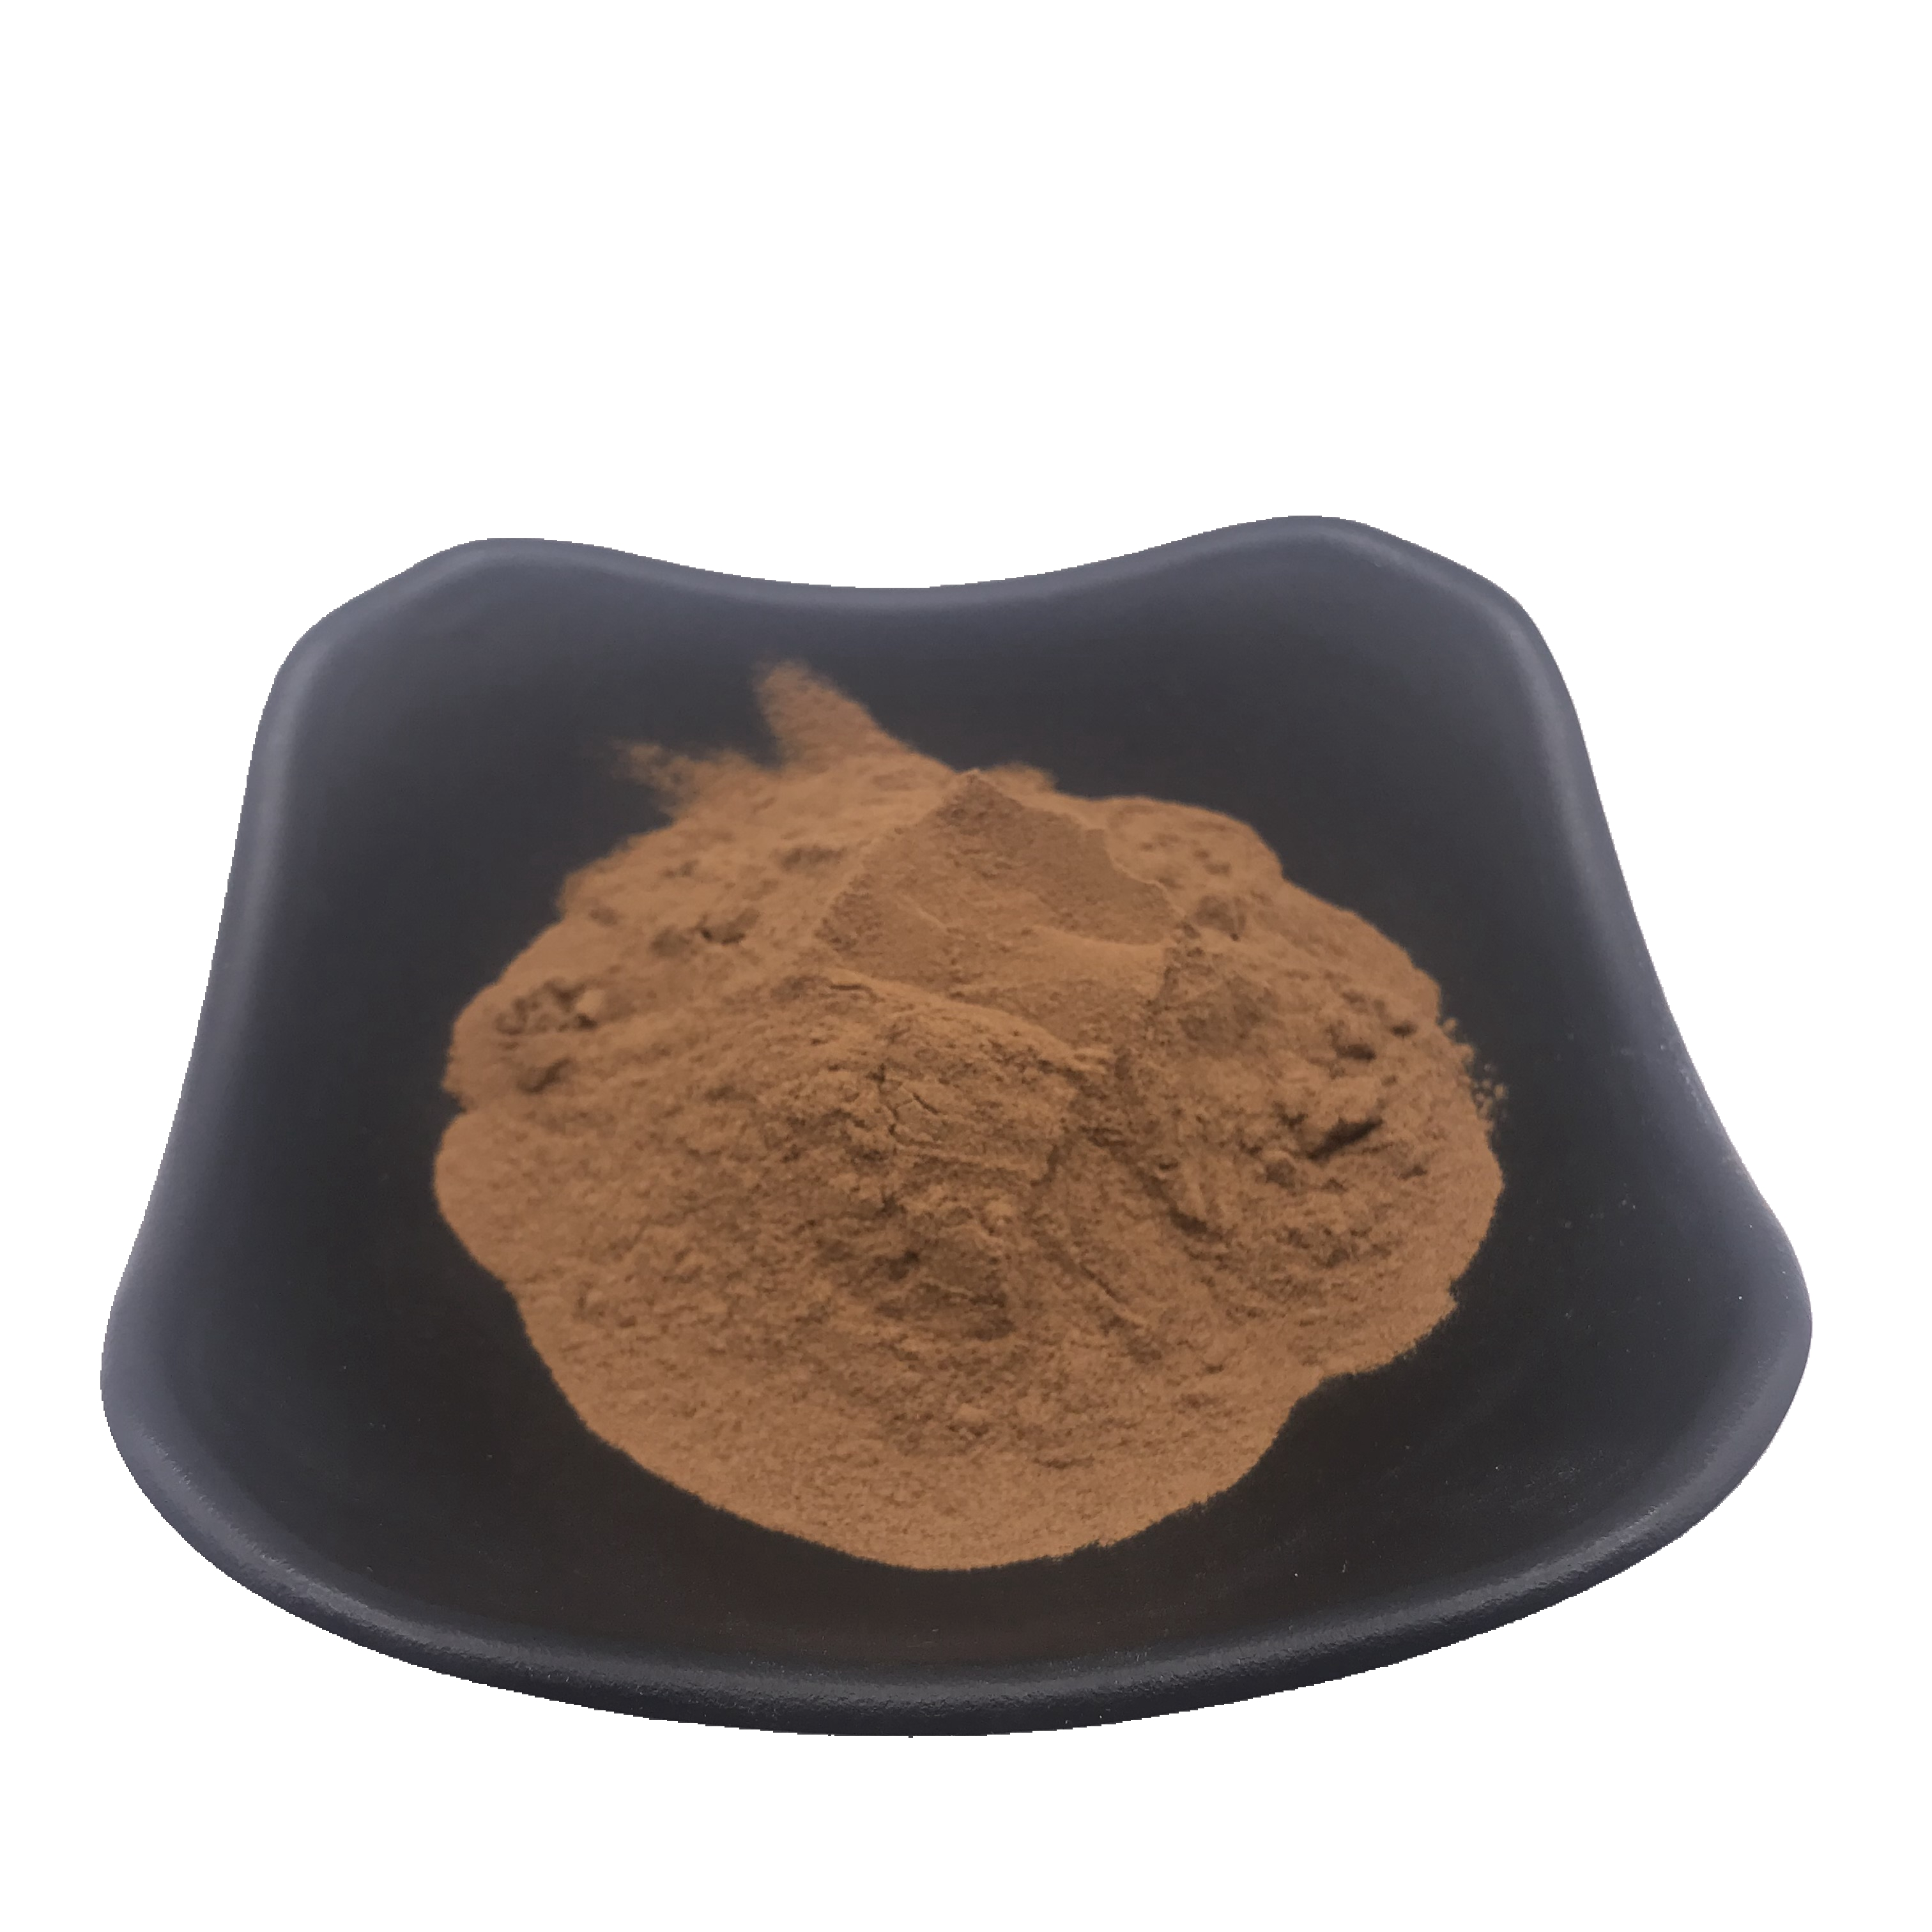 100% محتوى الكاكاو ومكونات الكاكاو نوع المنتج مسحوق الكاكاو